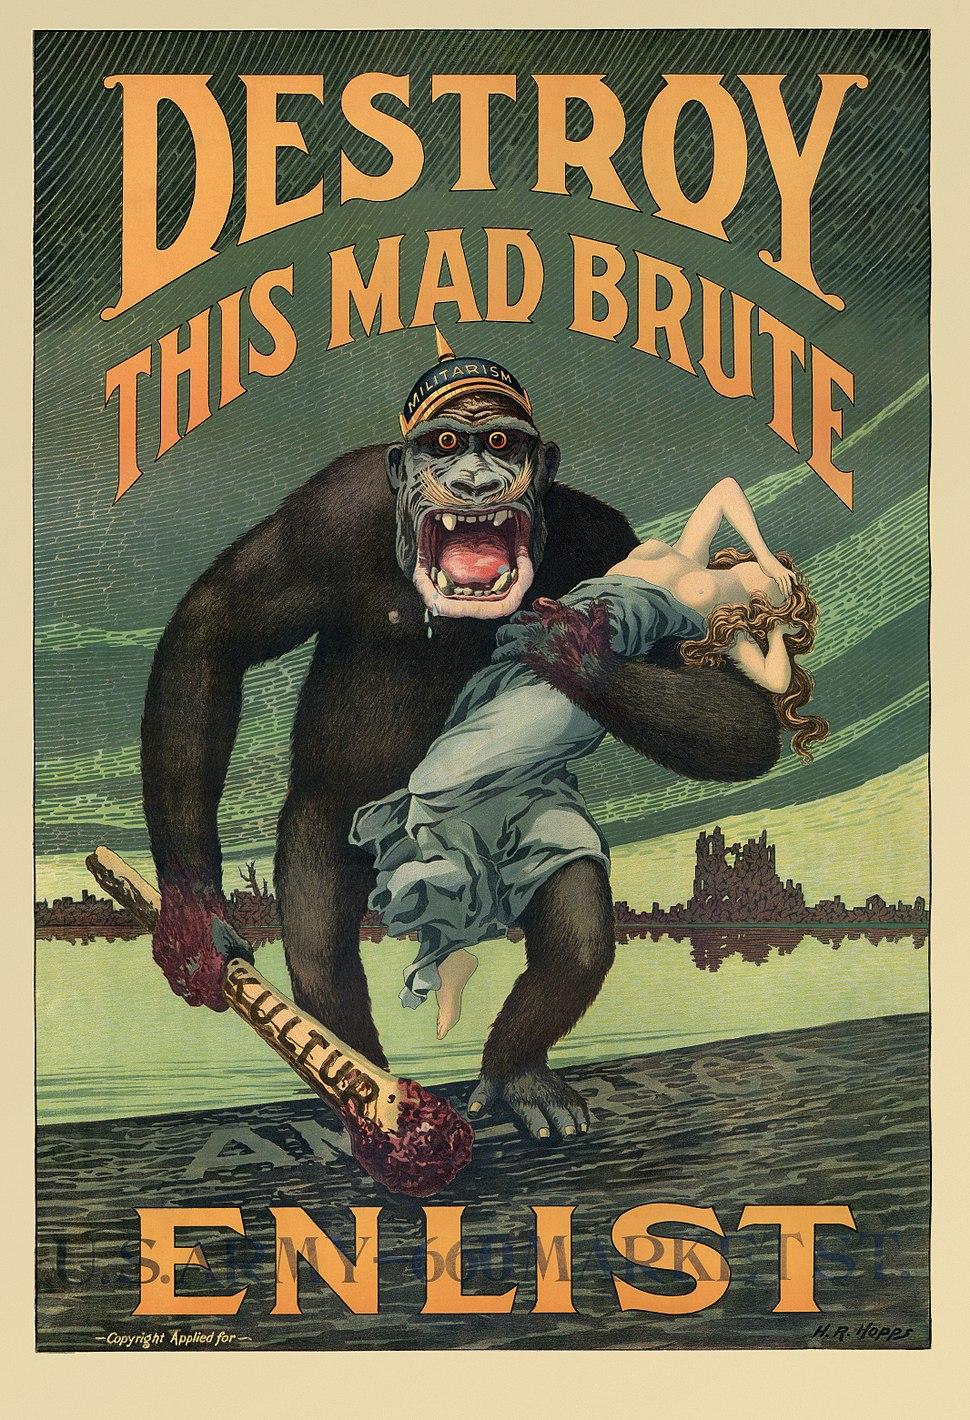 Harry R. Hopps, Destroy this mad brute Enlist - U.S. Army, 03216u edit